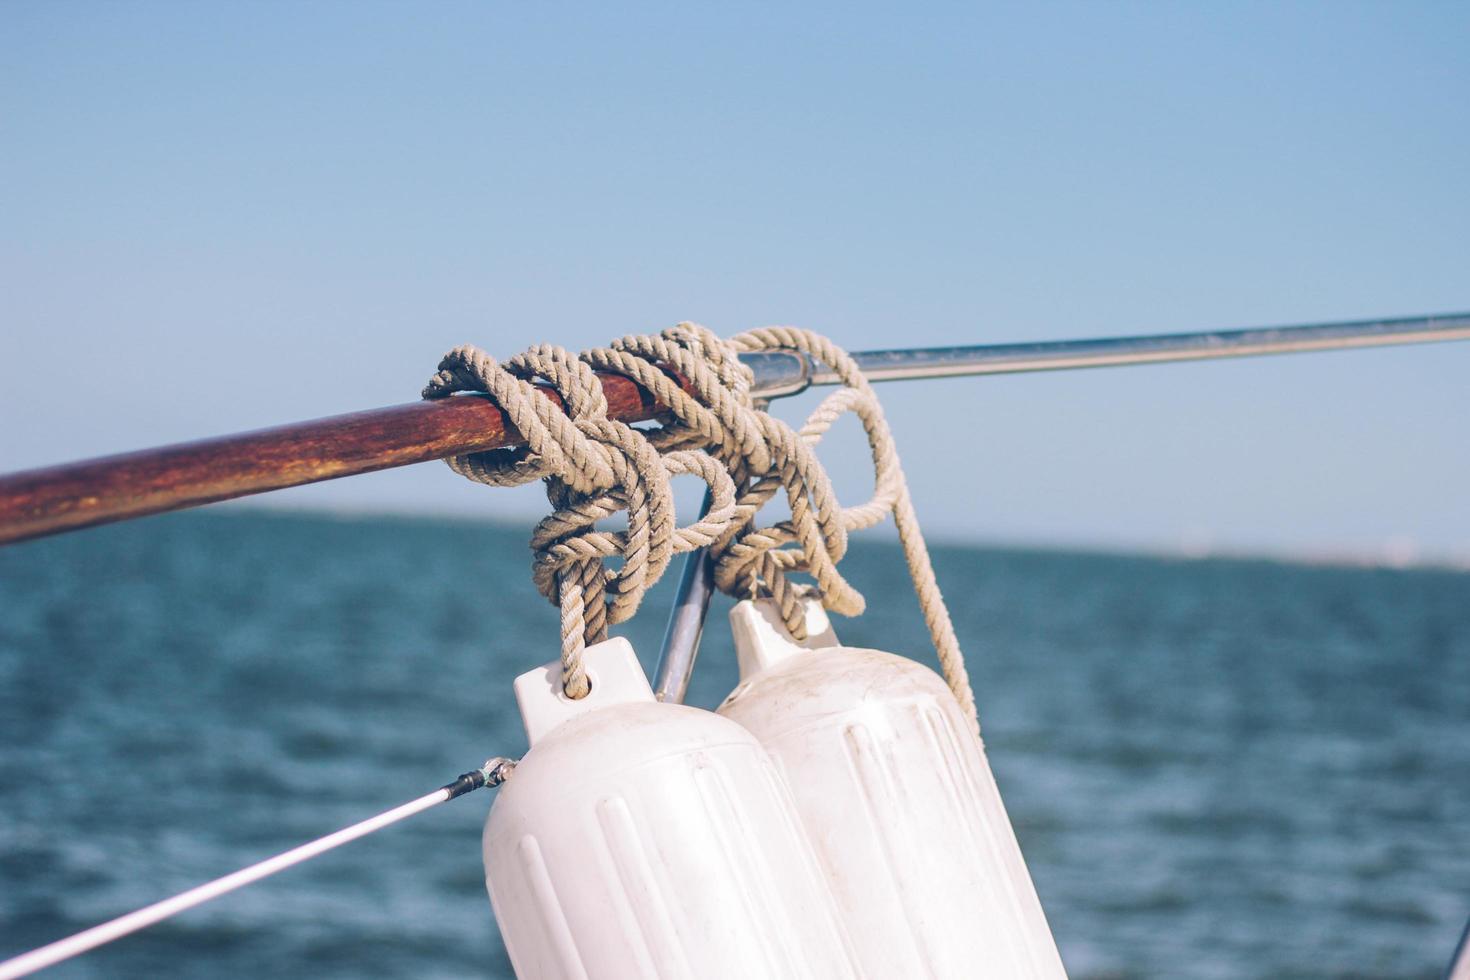 corda grigia legata a una barca foto